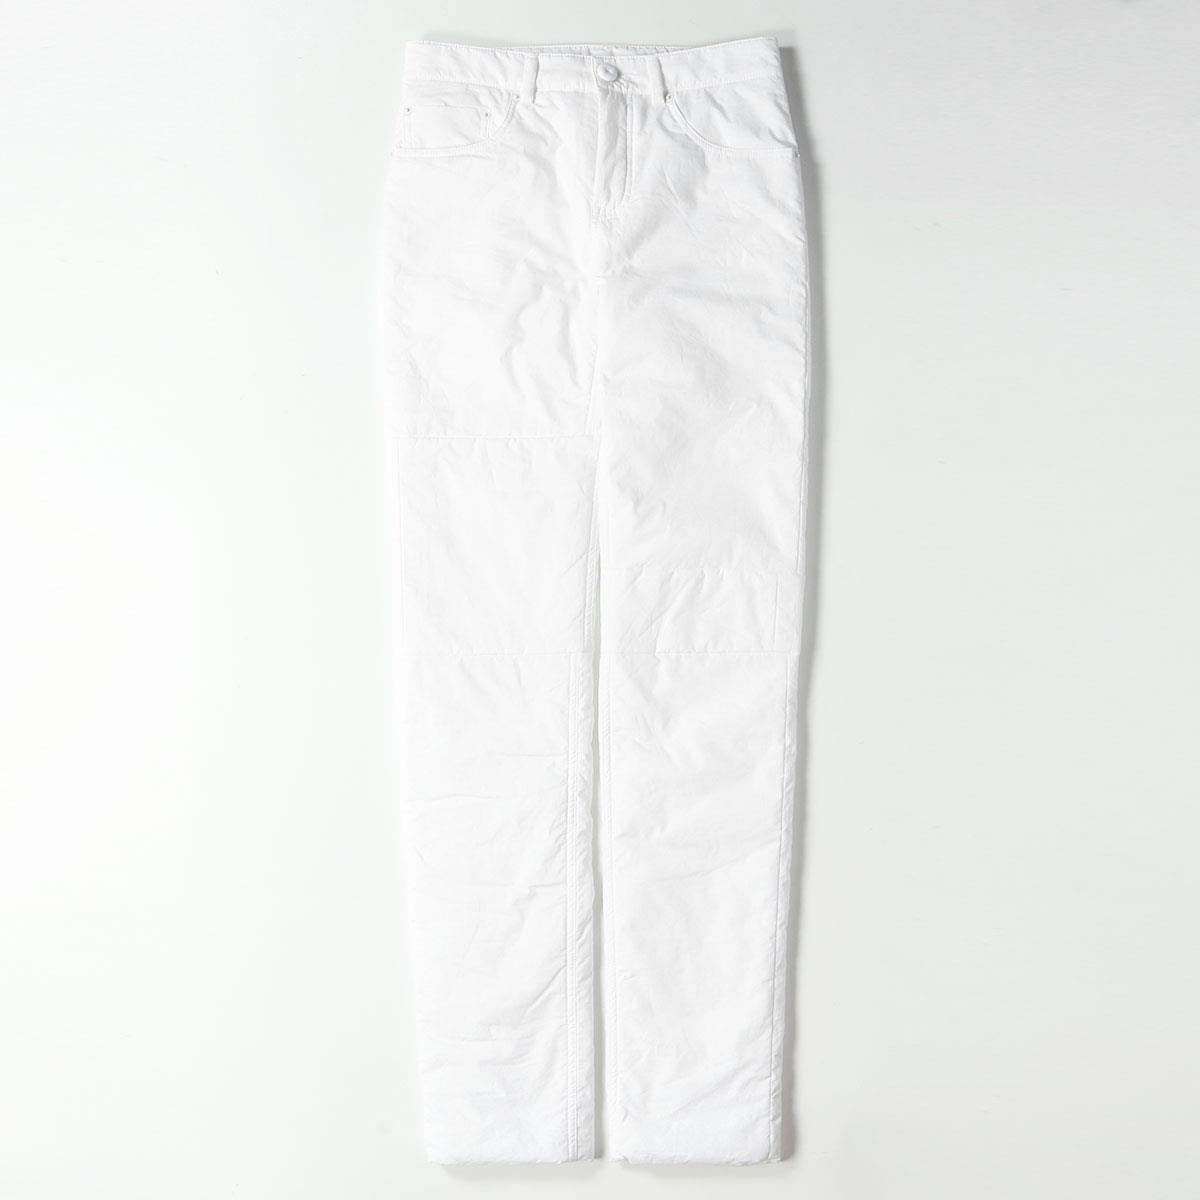 MM6 Maison Margiela エムエムシックス メゾンマルジェラ) Padded Pants in White FW19 イタリア製 5ポケット パンツ ストレート 中綿 ホワイト 40 【レディース】【中古】【美品】【K2604】